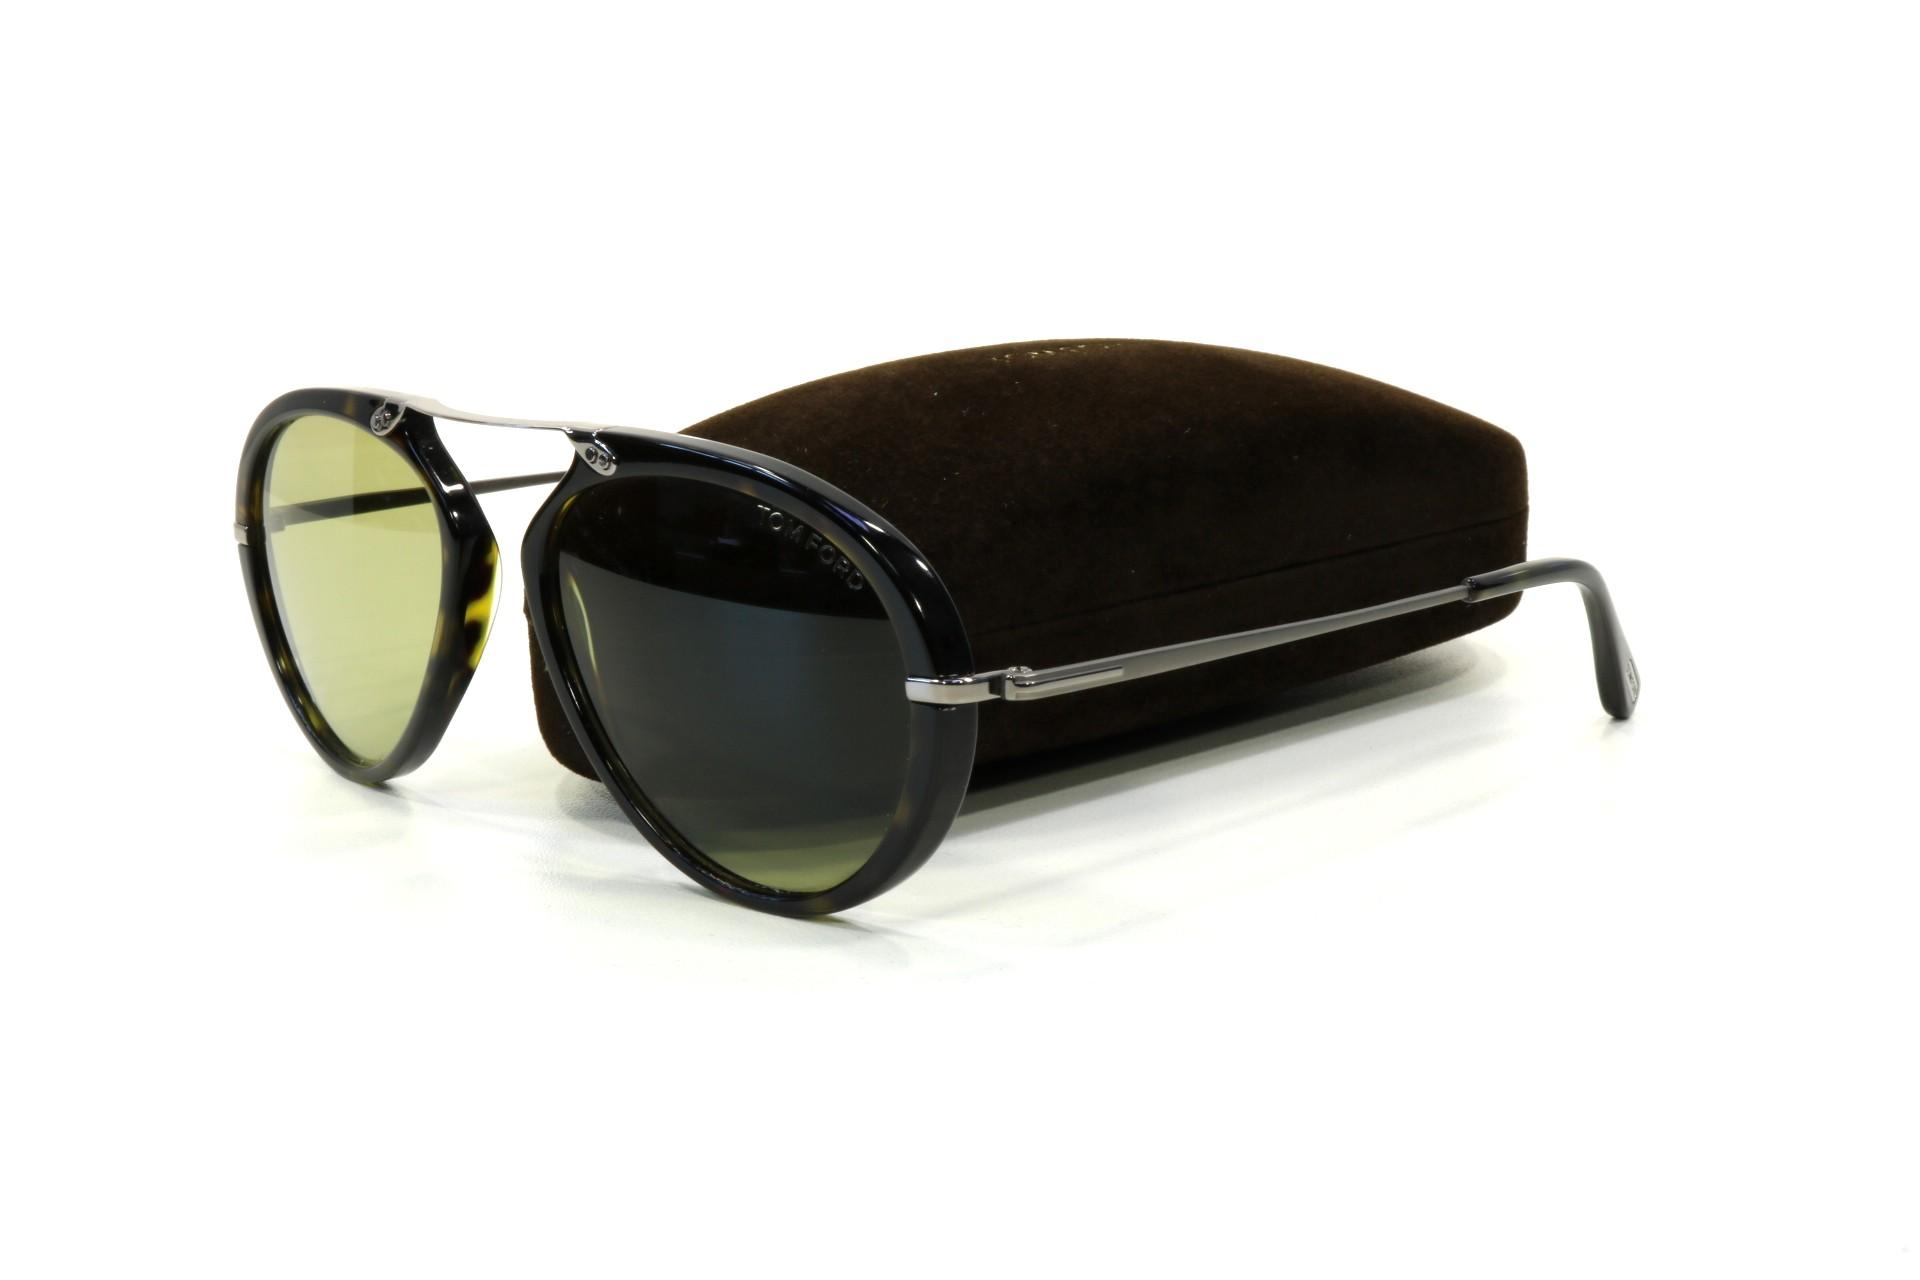 Солнцезащитные очки Tom Ford 0473 52N 53 - купить по низкой цене в интернет-магазине  Линзмастер. c99e685371a